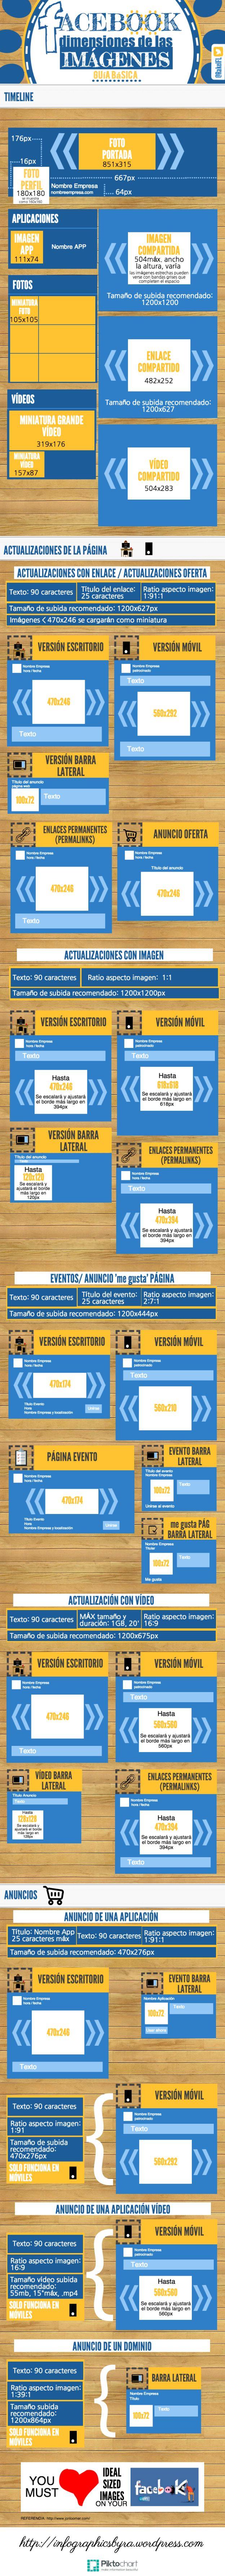 Tamaños de las imágenes en FaceBook #infografia: Social Network, En Facebook, Infographic Socialmedia, Facebook Redessoci, Infografia Infographic, The Image, Social Media, Social Networks, Facebook Infografia